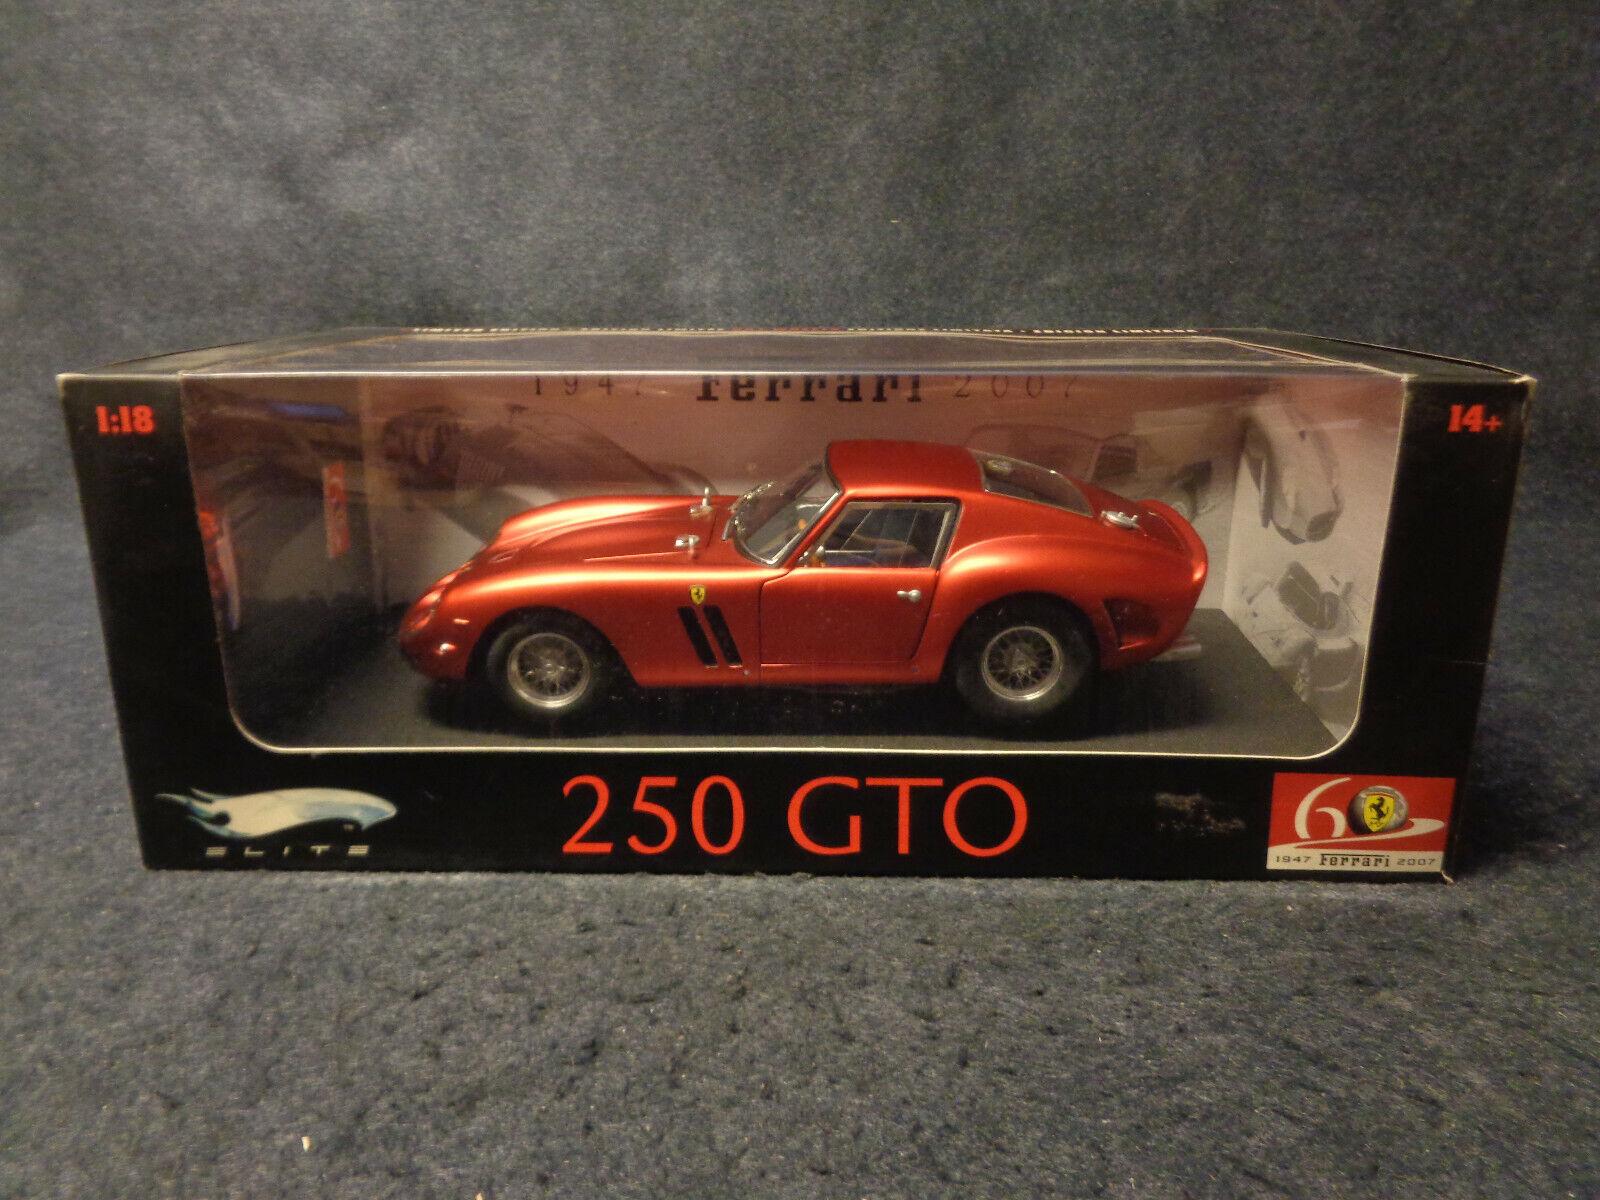 el mas de moda FERRARI FERRARI FERRARI 250 GTO HOT WHEELS LIMITED ED MATTEL ELITE DIE CAST 1 18 - 60° -O17-FL  soporte minorista mayorista